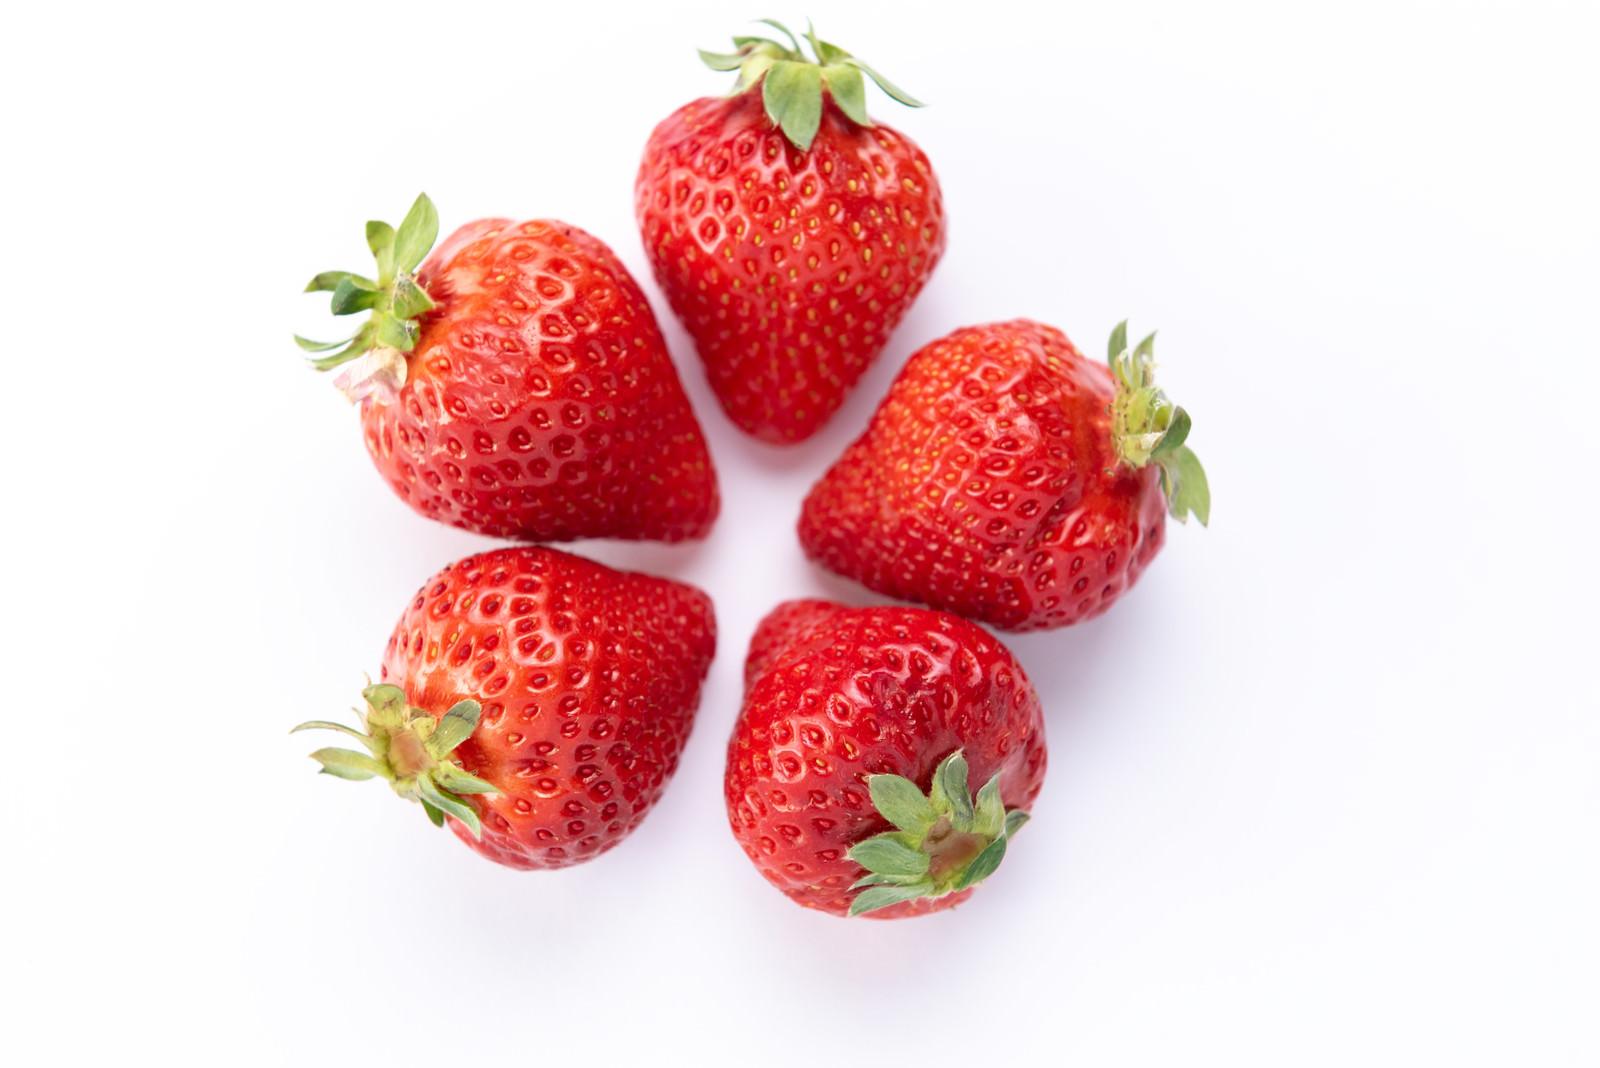 「中央に寄せて置かれた苺」の写真